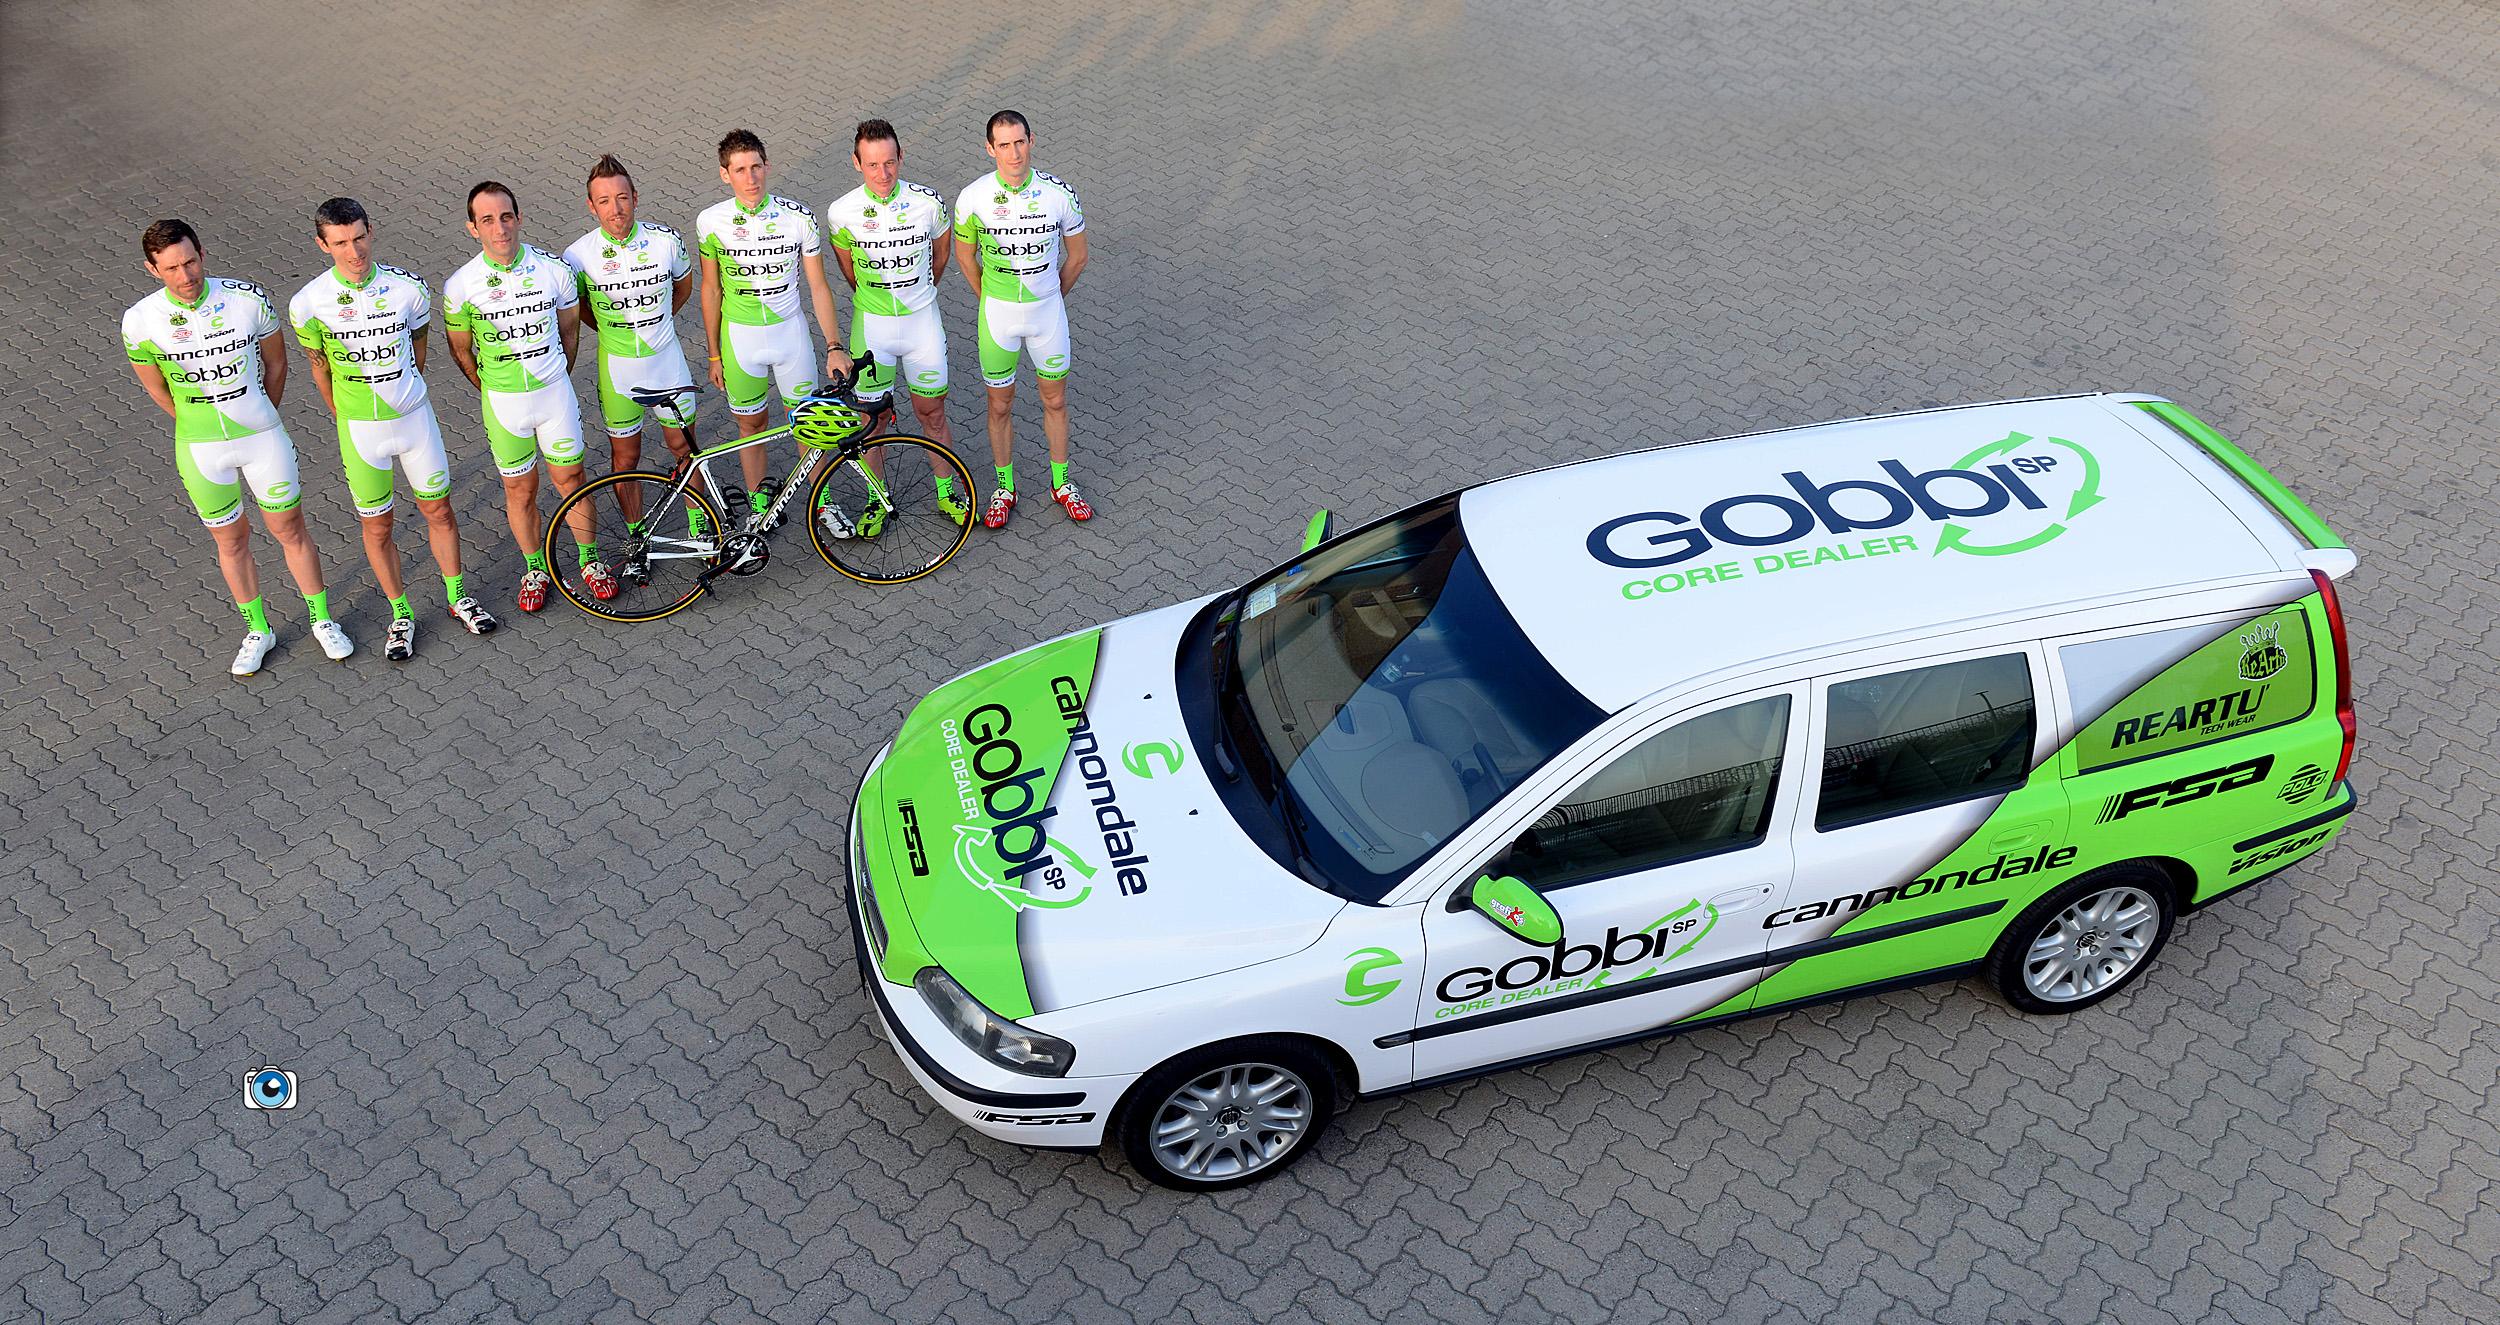 Presentato il Team Cannondale Gobbi FSA